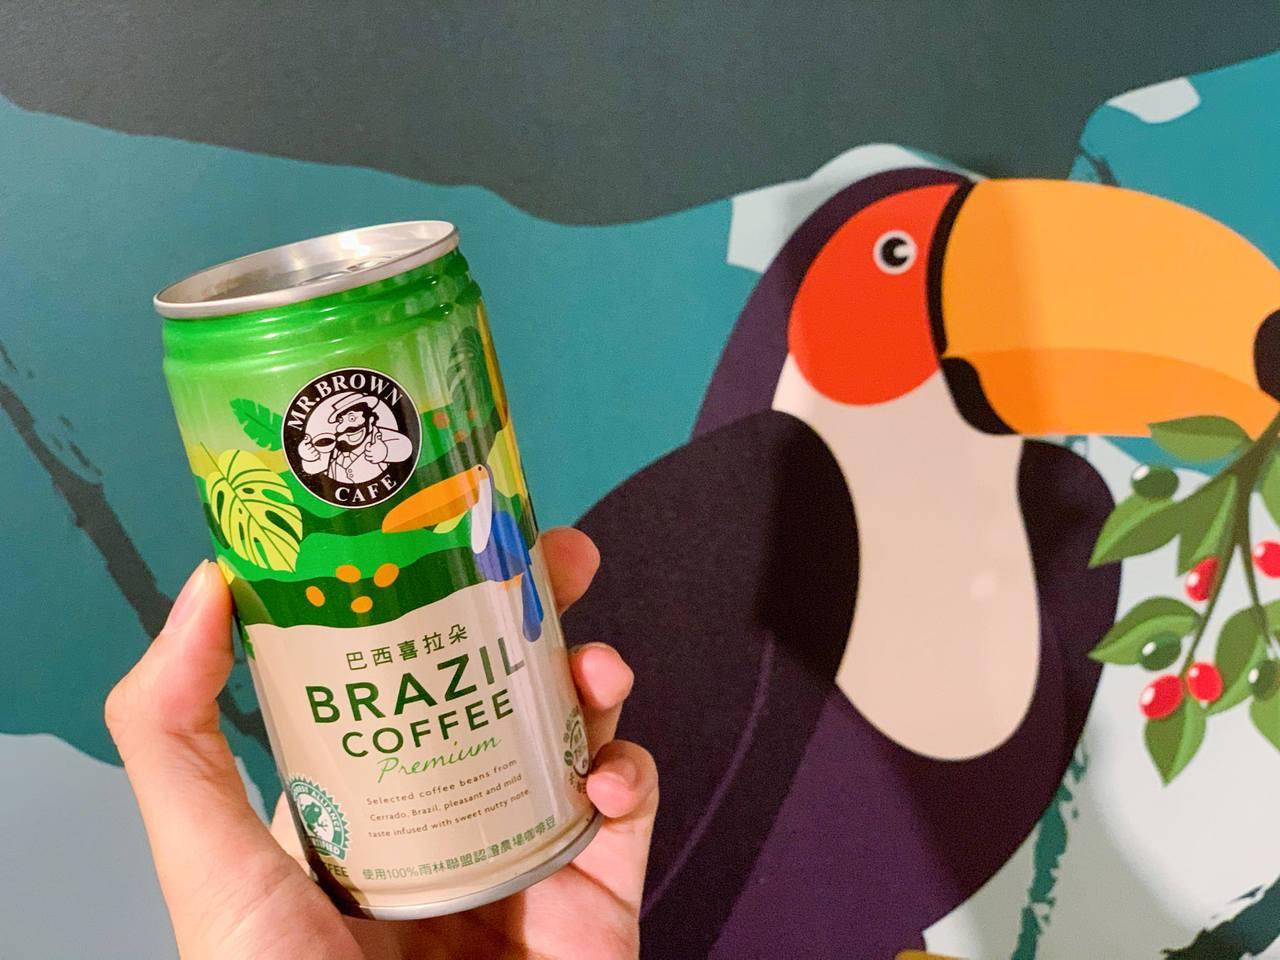 「伯朗精品咖啡-巴西喜拉朵」風味香醇濃厚,建議售價30元。記者徐力剛/攝影